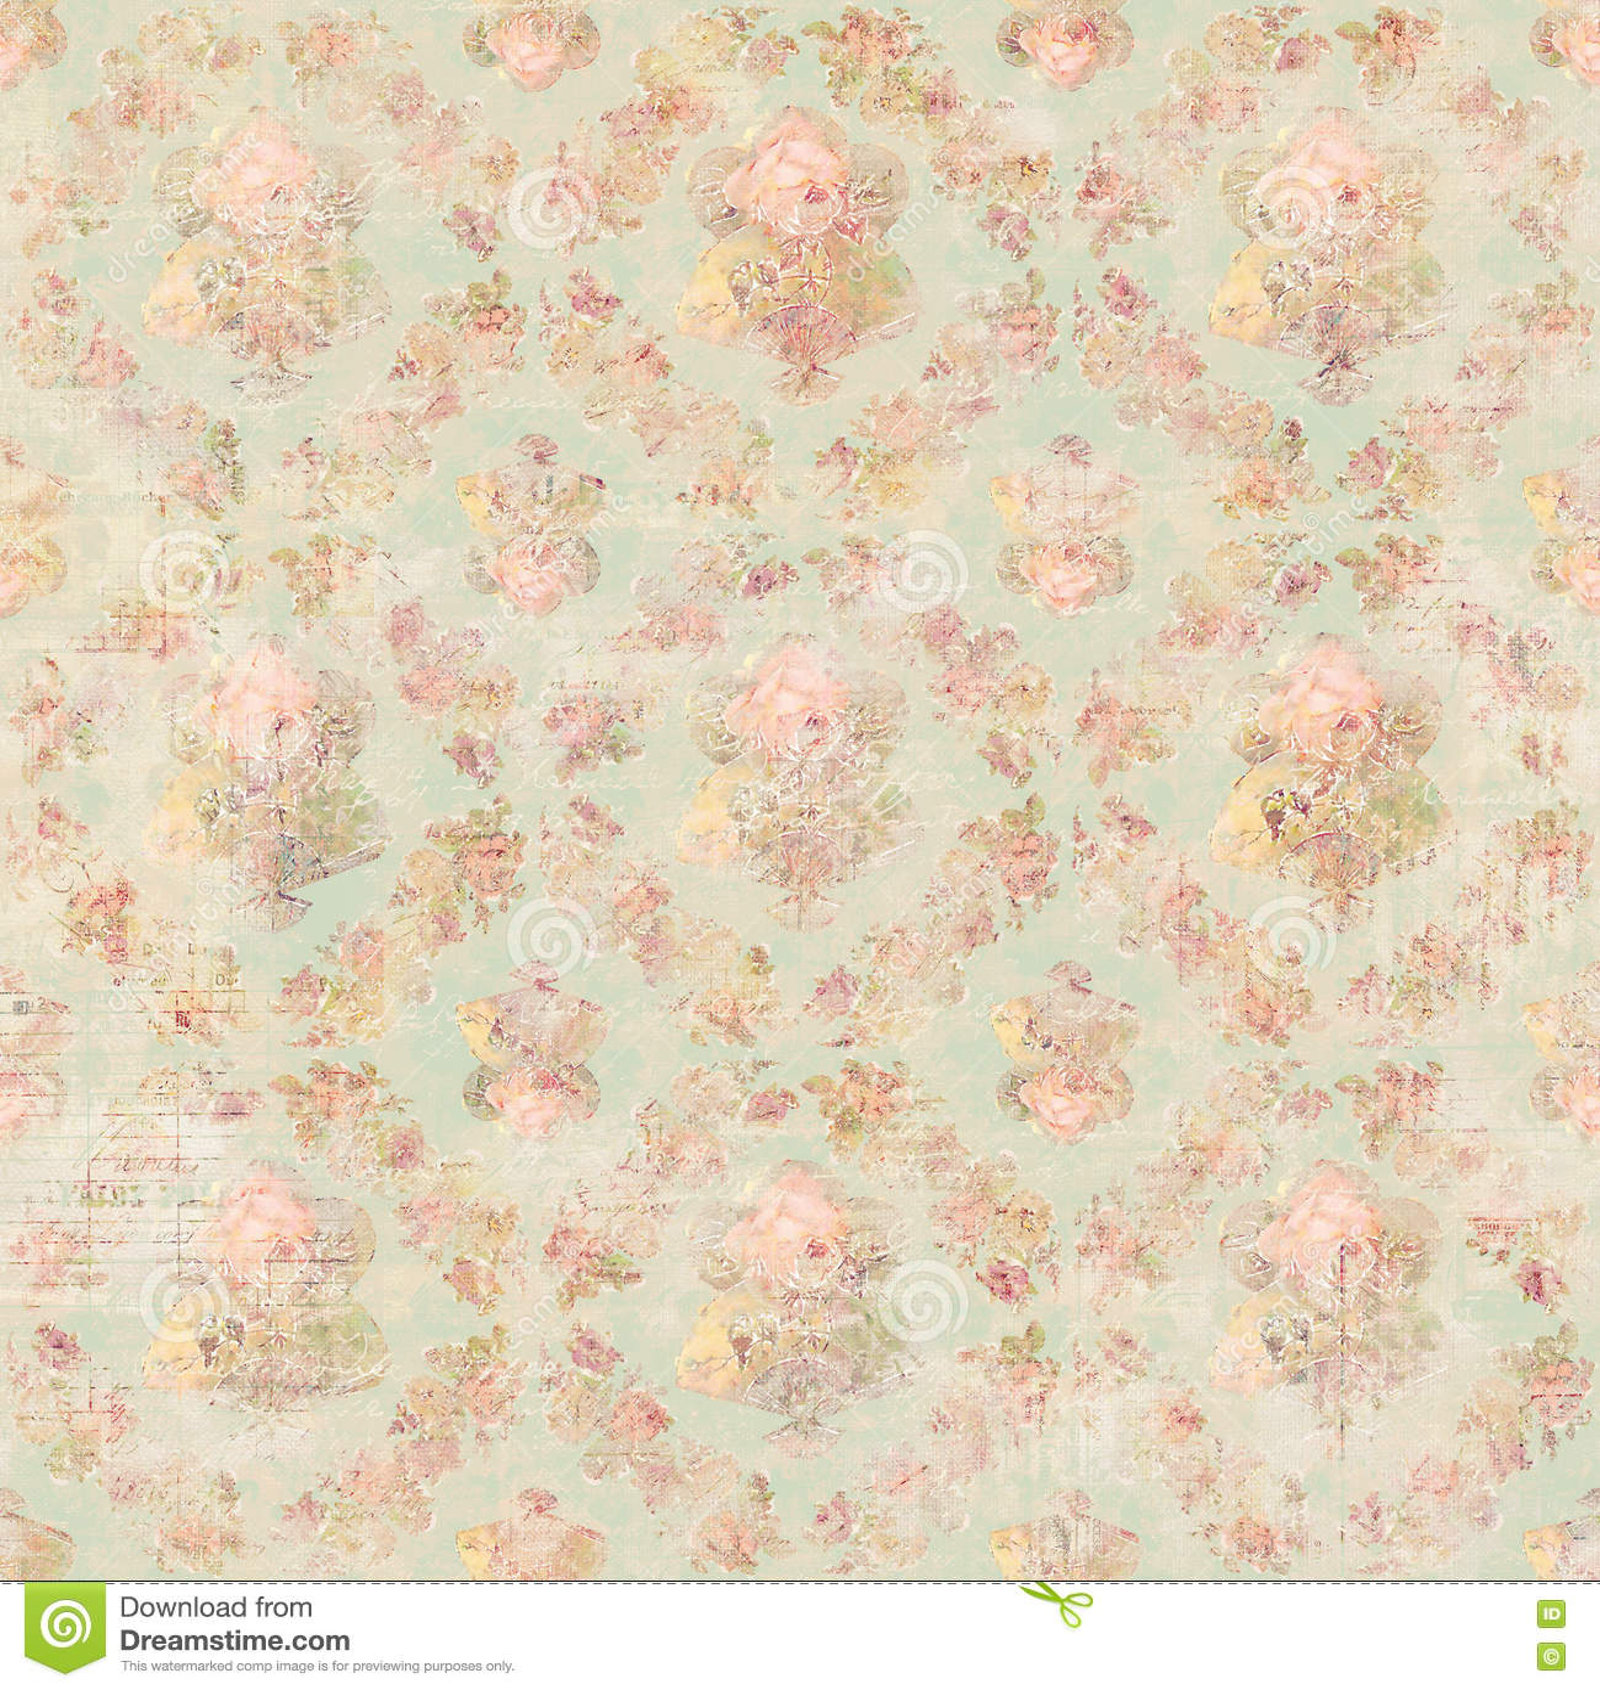 Antique Vintage style botanical pink floral roses background